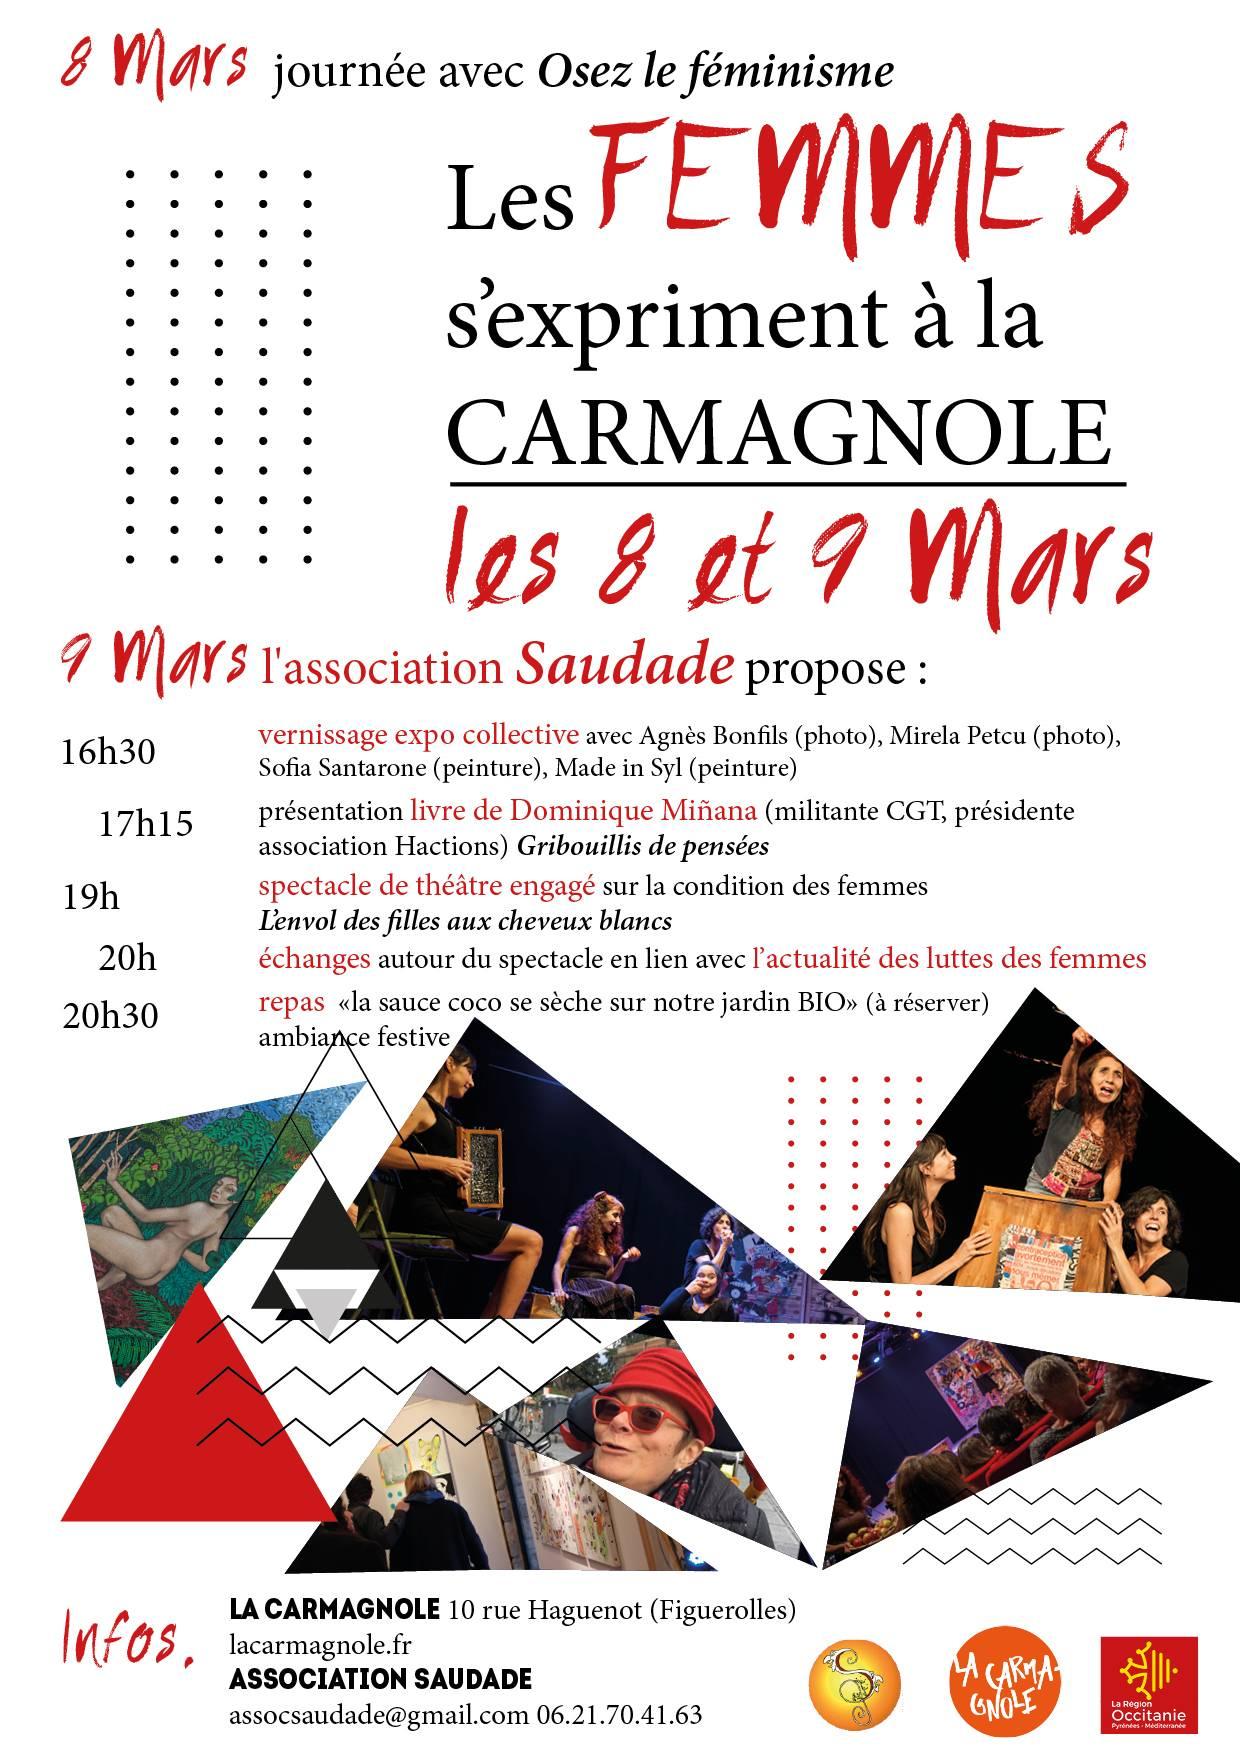 affiche web saudade 9 mars carmagnole 1 - Place aux femmes